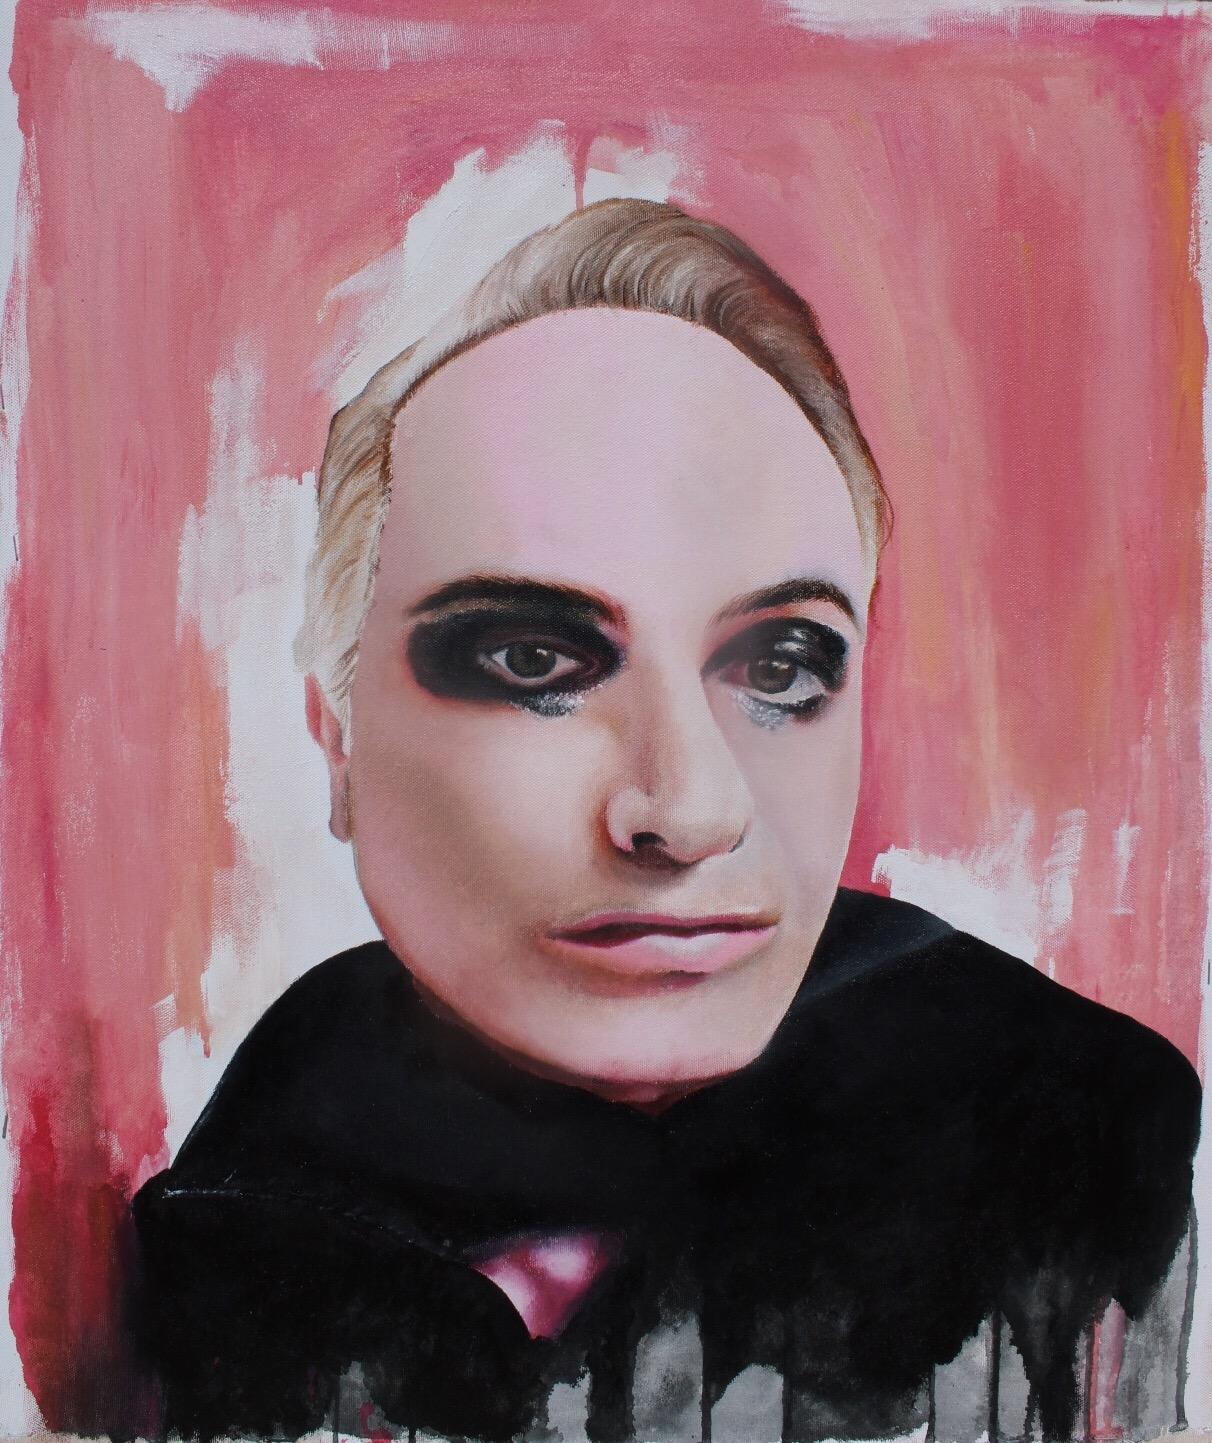 Sandro Colarelli by Lileana Colarelli